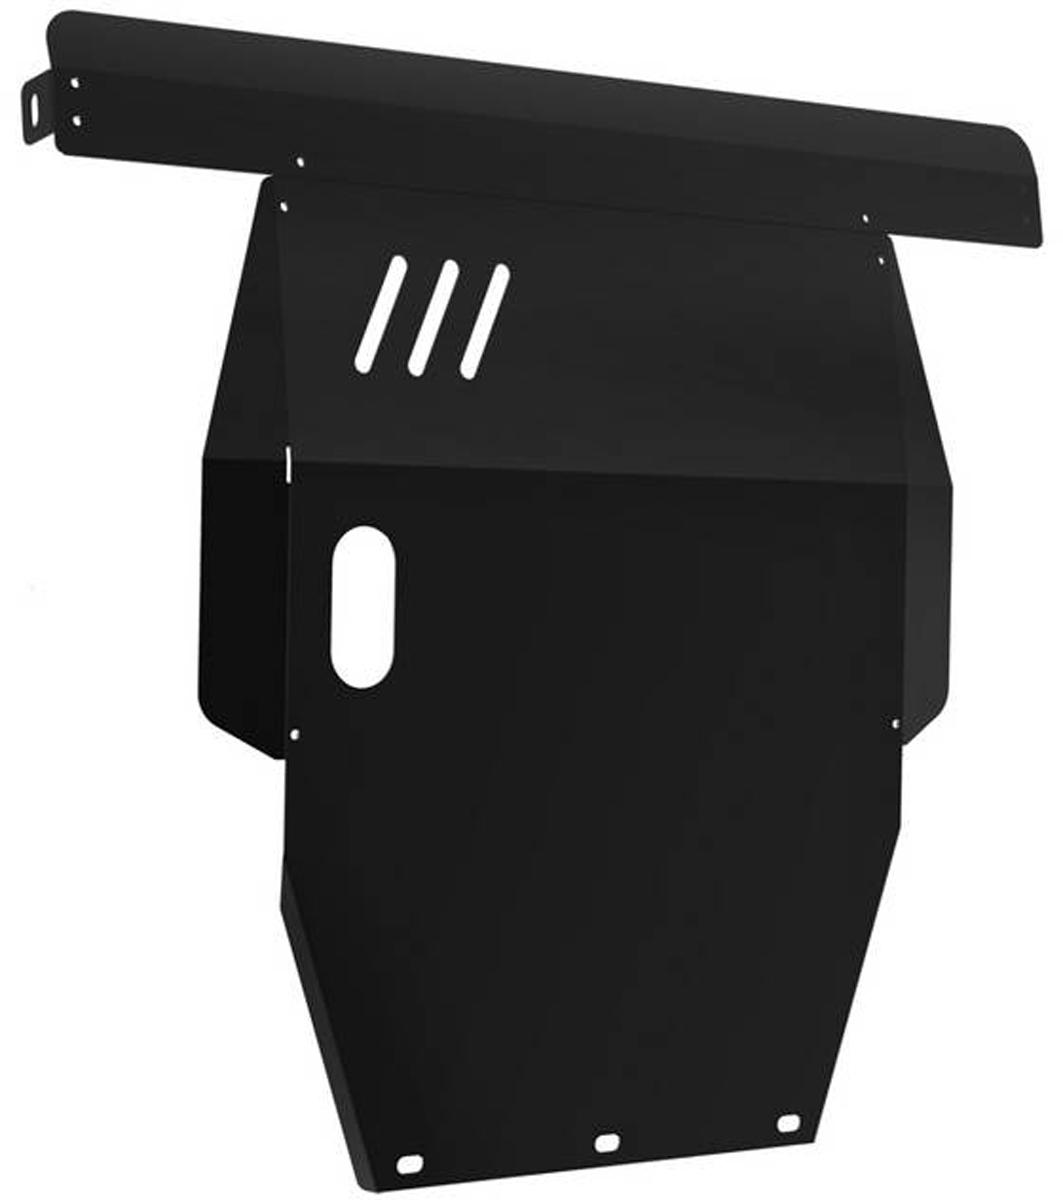 Защита картера и КПП Автоброня Toyota Carina T19 1992-1998, сталь 2 мм111.05727.1Защита картера и КПП Автоброня Toyota Carina T19, МКПП V - 1,6; 1,8; 2,0 1992-1998, сталь 2 мм, комплект крепежа, 111.05727.1Стальные защиты Автоброня надежно защищают ваш автомобиль от повреждений при наезде на бордюры, выступающие канализационные люки, кромки поврежденного асфальта или при ремонте дорог, не говоря уже о загородных дорогах.- Имеют оптимальное соотношение цена-качество.- Спроектированы с учетом особенностей автомобиля, что делает установку удобной.- Защита устанавливается в штатные места кузова автомобиля.- Является надежной защитой для важных элементов на протяжении долгих лет.- Глубокий штамп дополнительно усиливает конструкцию защиты.- Подштамповка в местах крепления защищает крепеж от срезания.- Технологические отверстия там, где они необходимы для смены масла и слива воды, оборудованные заглушками, закрепленными на защите.Толщина стали 2 мм.В комплекте крепеж и инструкция по установке.Уважаемые клиенты!Обращаем ваше внимание на тот факт, что защита имеет форму, соответствующую модели данного автомобиля. Наличие глубокого штампа и лючков для смены фильтров/масла предусмотрено не на всех защитах. Фото служит для визуального восприятия товара.